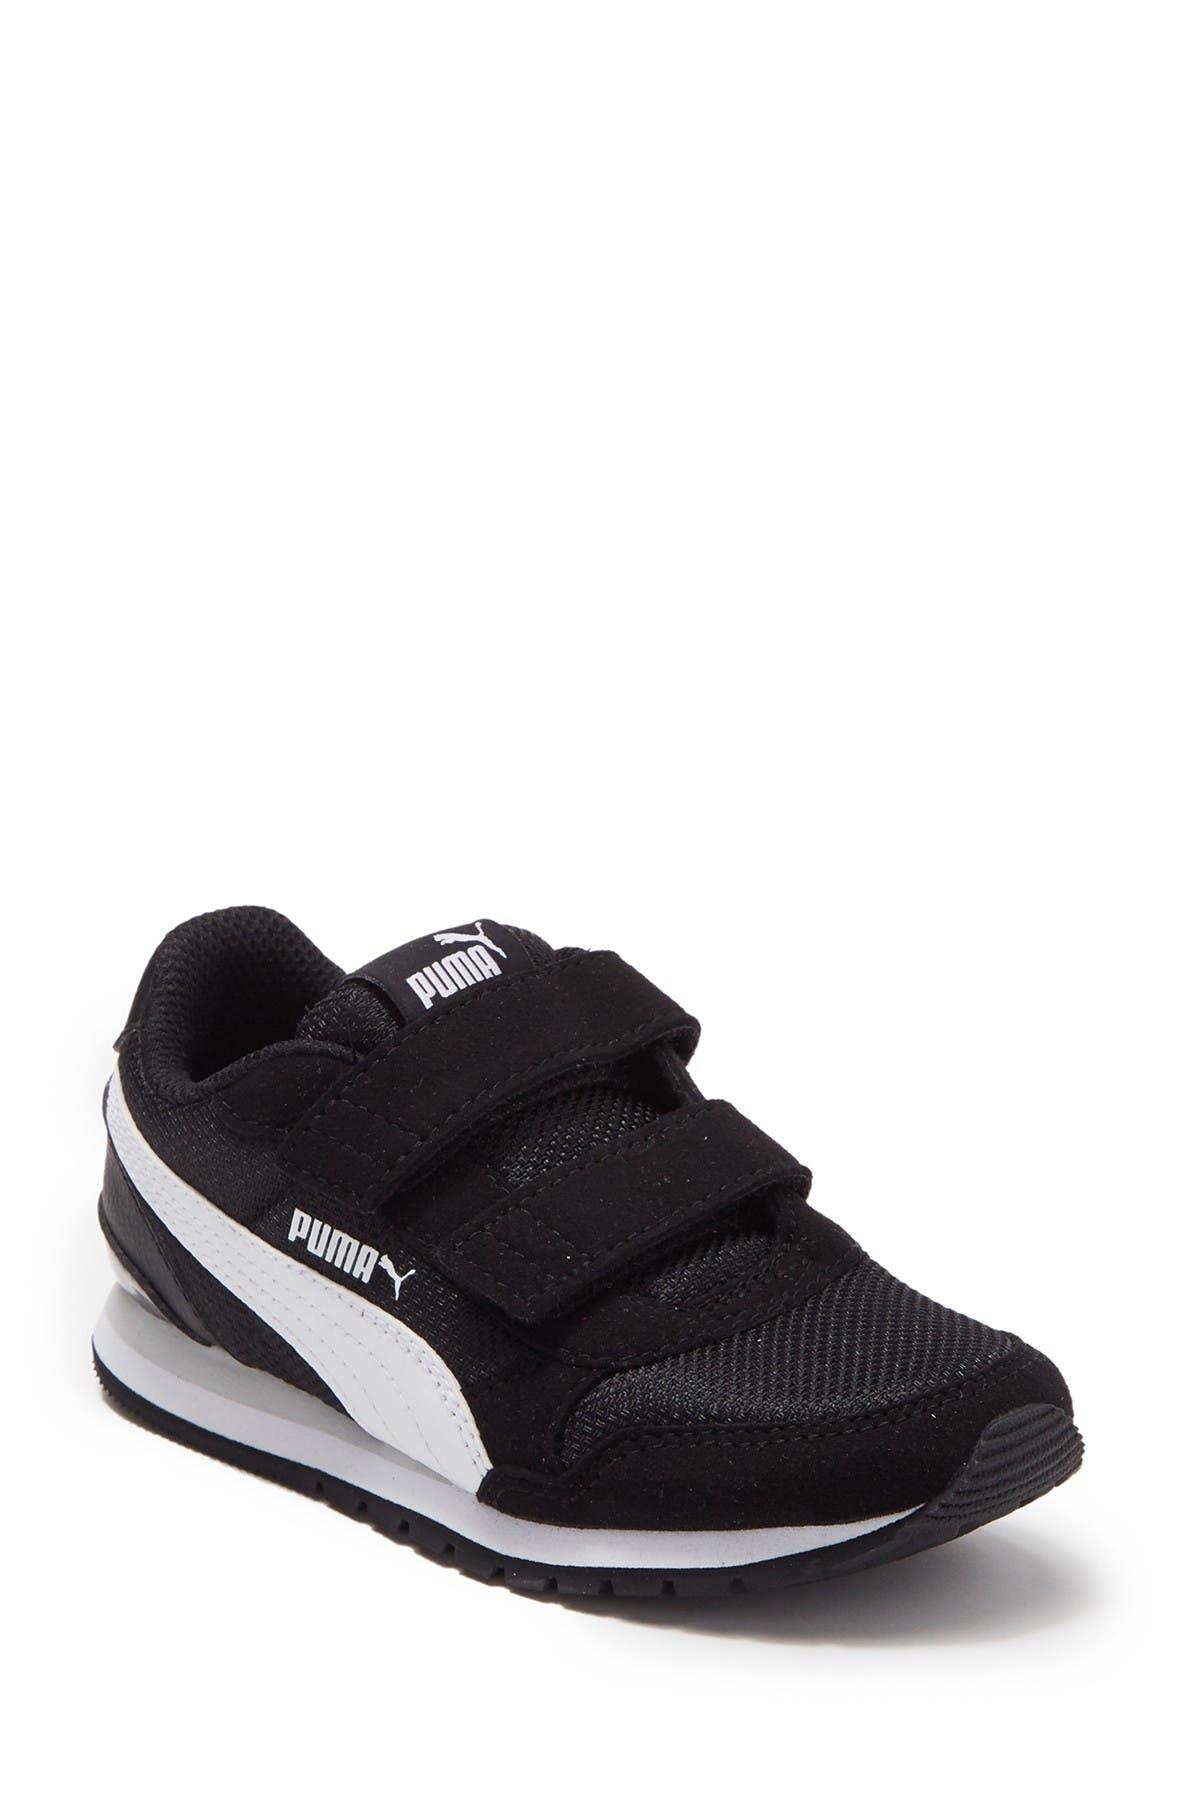 Image of PUMA ST Runner V2 Mesh AC Sneaker